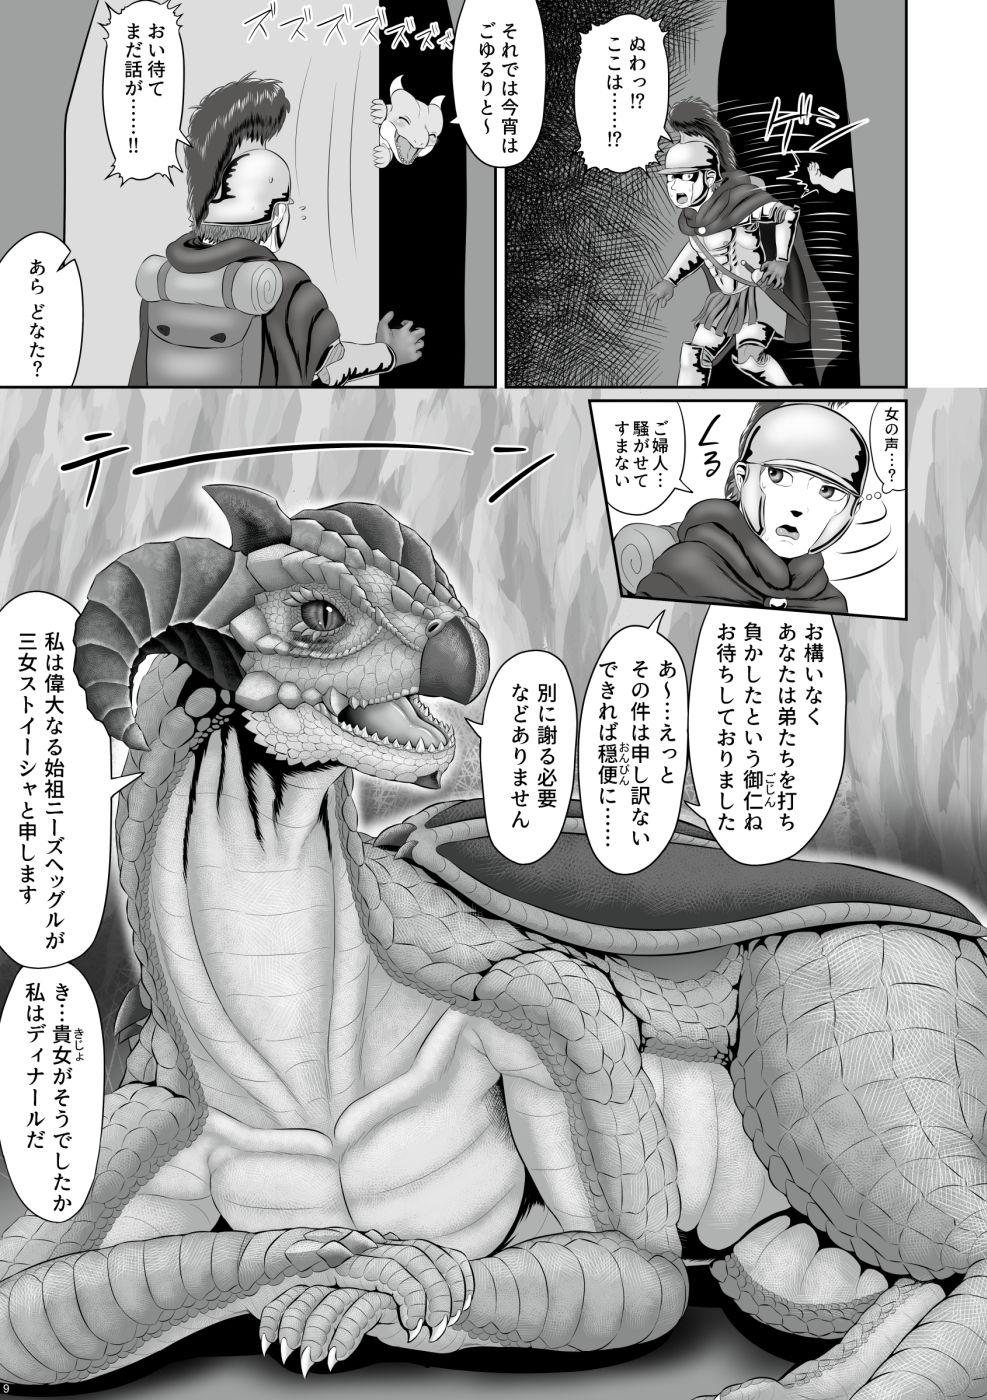 蛮王記〜龍神姫伝〜